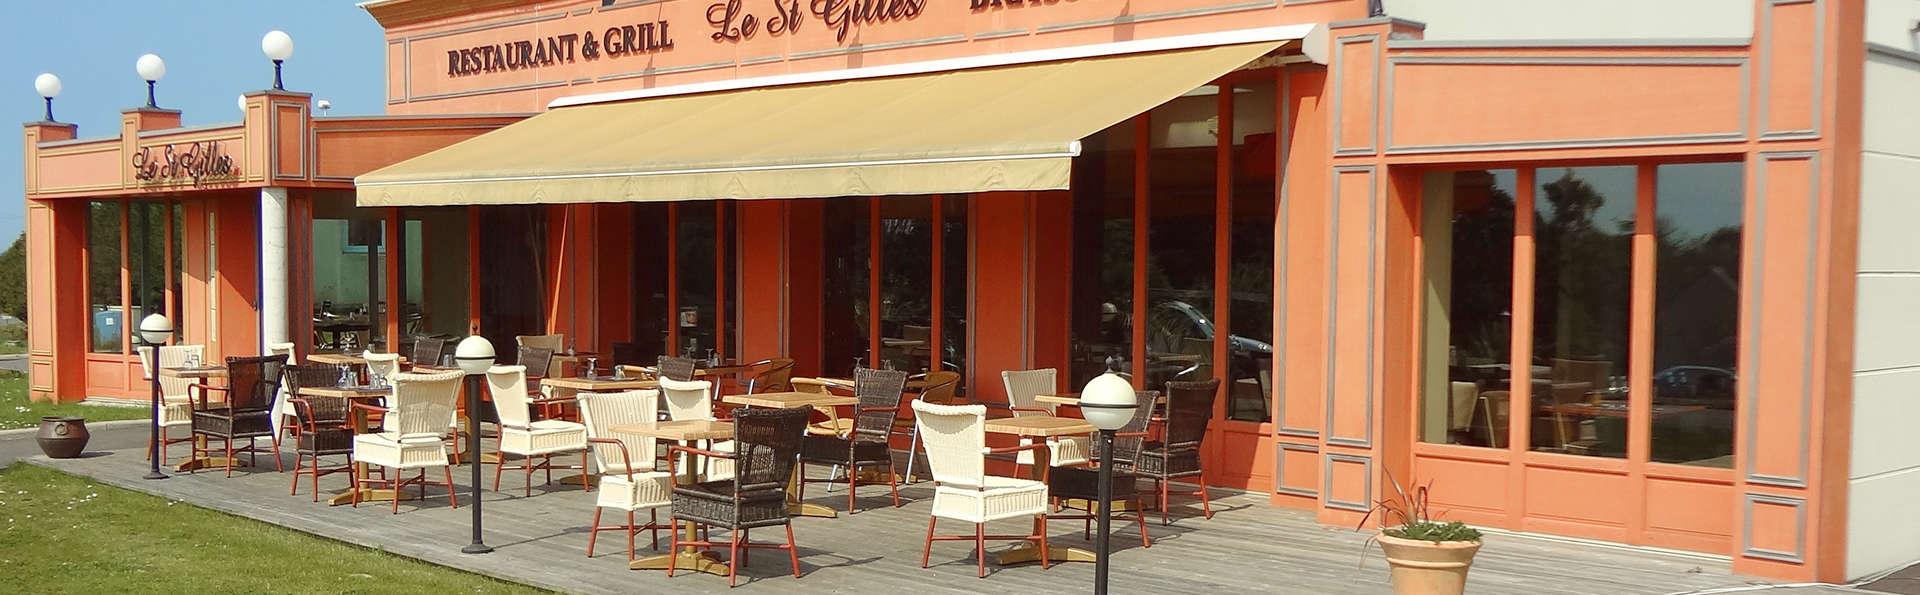 Hôtel Arcadia - EDIT_Fachada_1.jpg